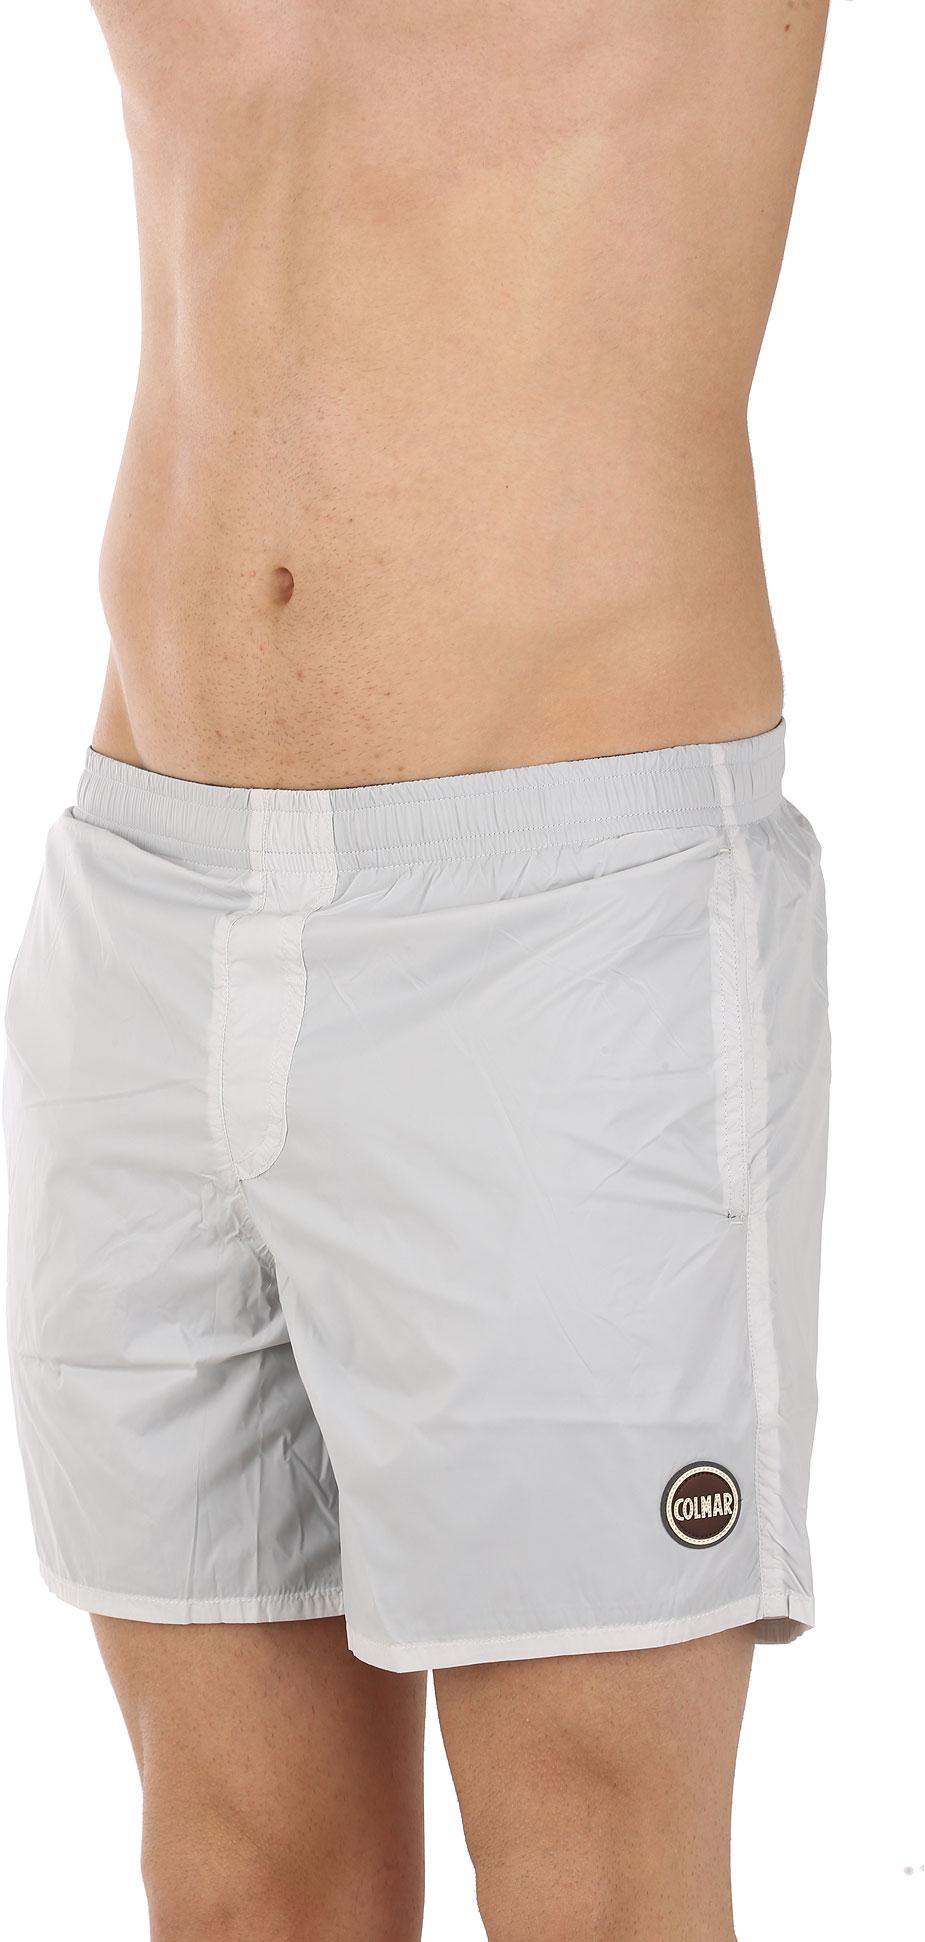 Moda Mare Uomo Colmar, Codice Articolo: 7249-1na-240